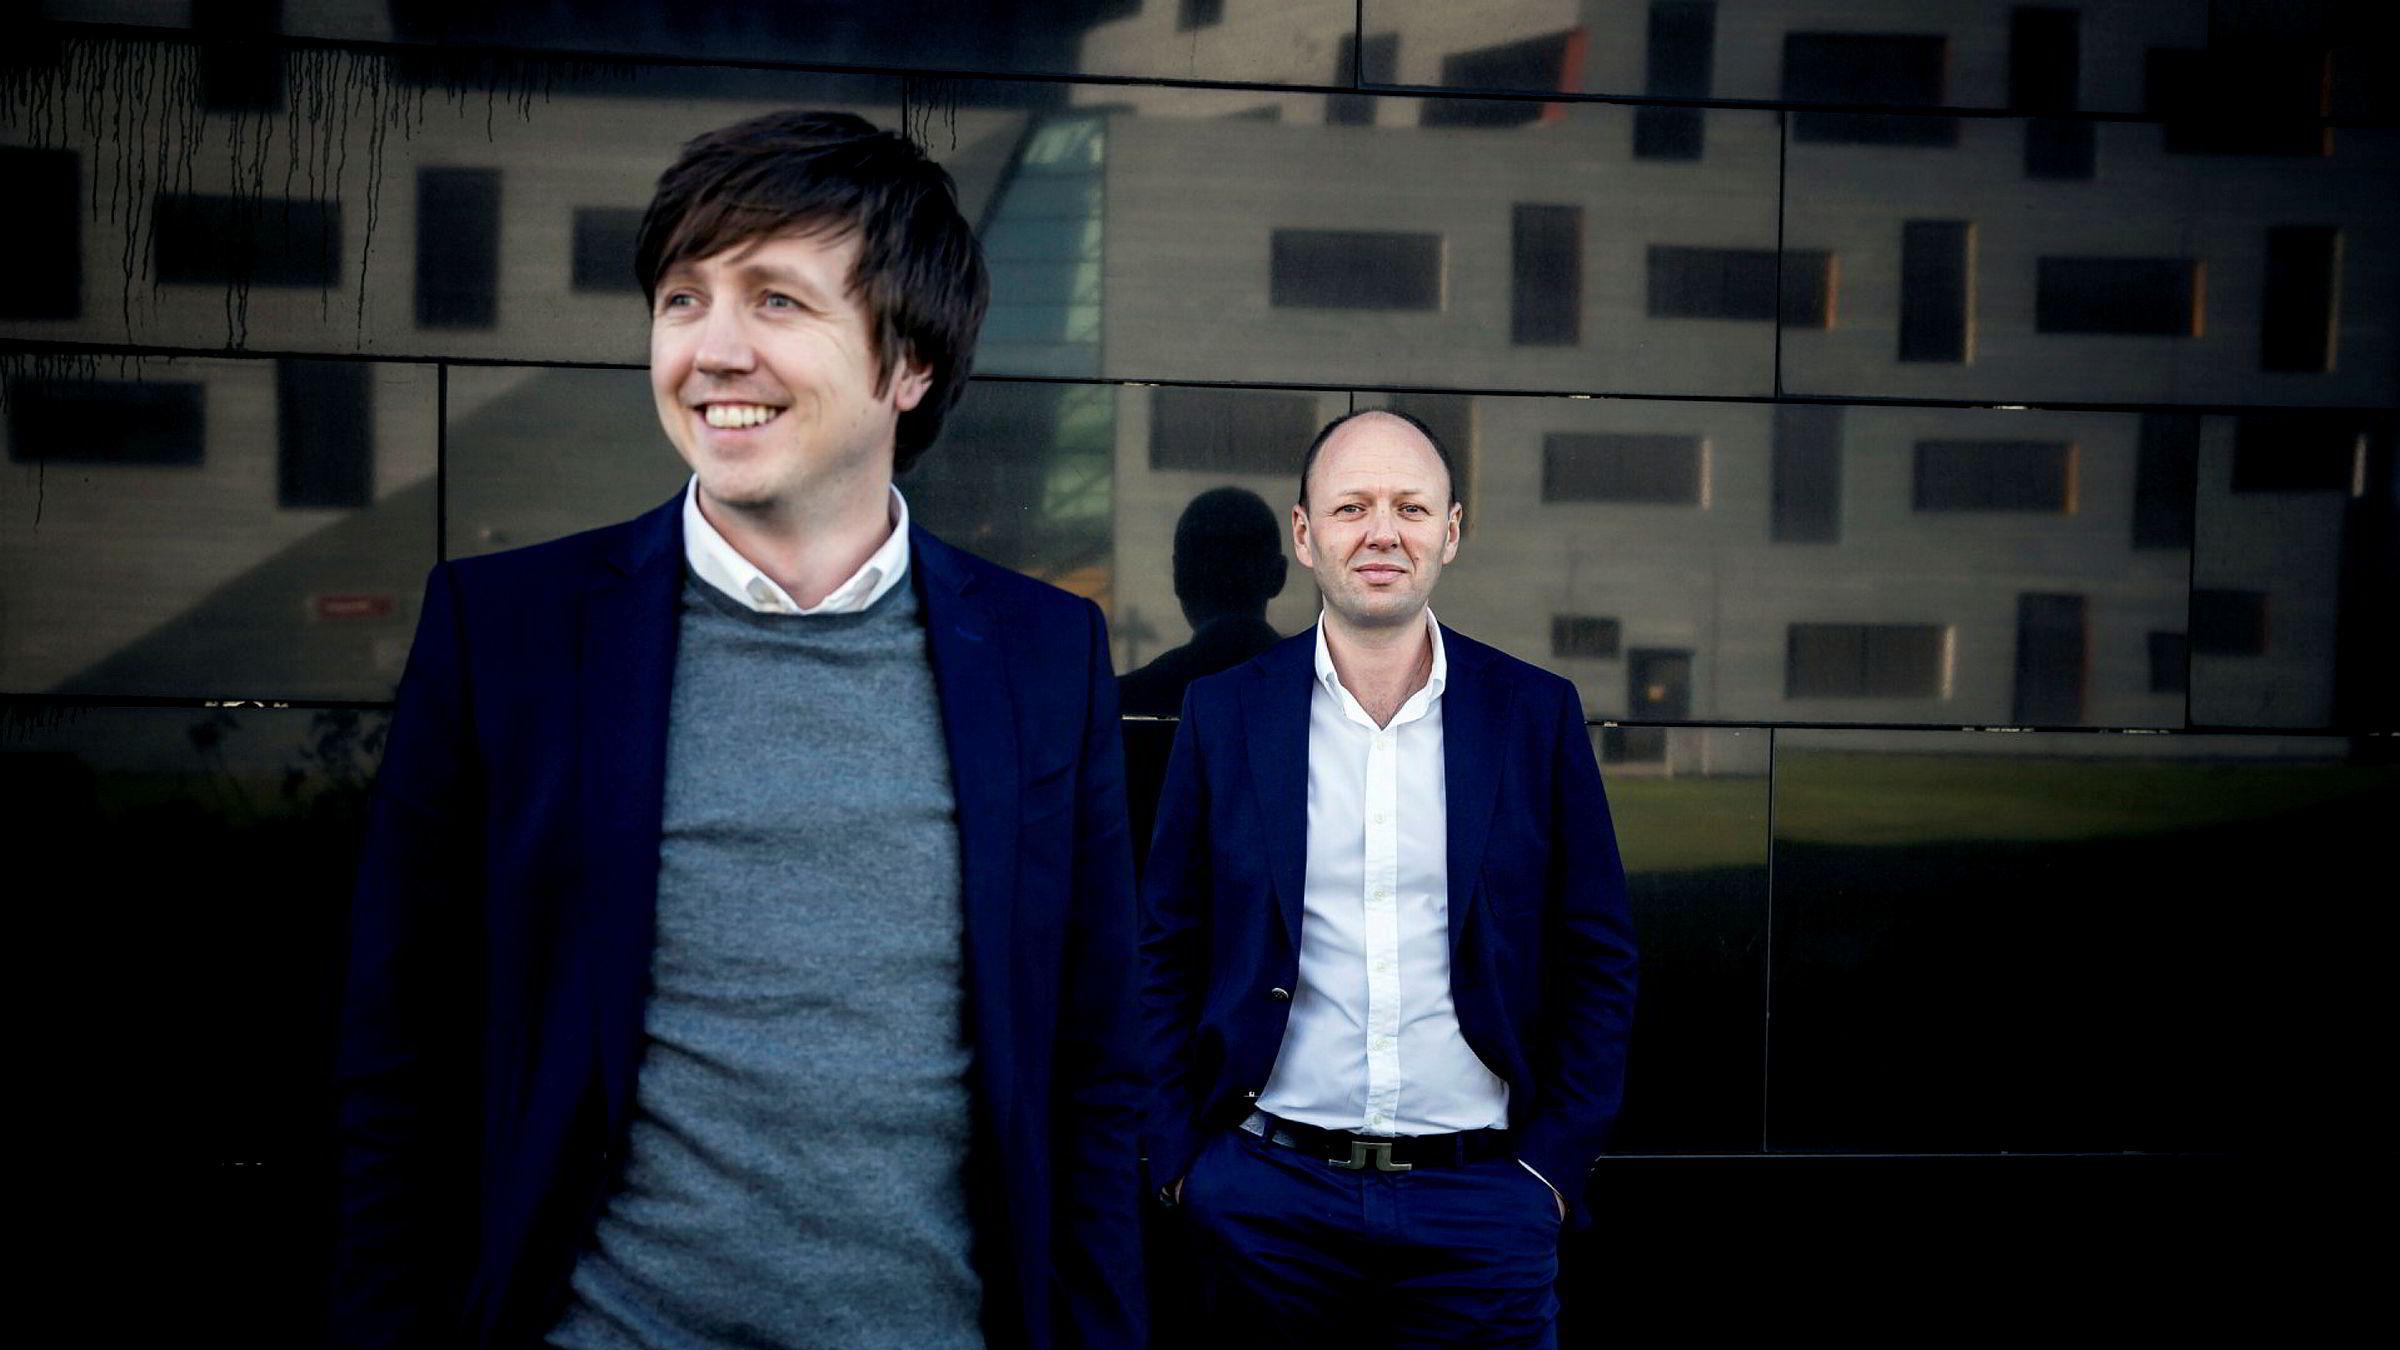 It-millionæren og Stavanger-mannen Fredrik Larsen (t.v.) satser tungt i hytte- og boligmarkedet. Her er han sammen med medgründer Jan Inge Pedersen i selskapet Wellit. 150 millioner hver fikk de to da de solgte 60 prosent av selskapet til Norvestor.